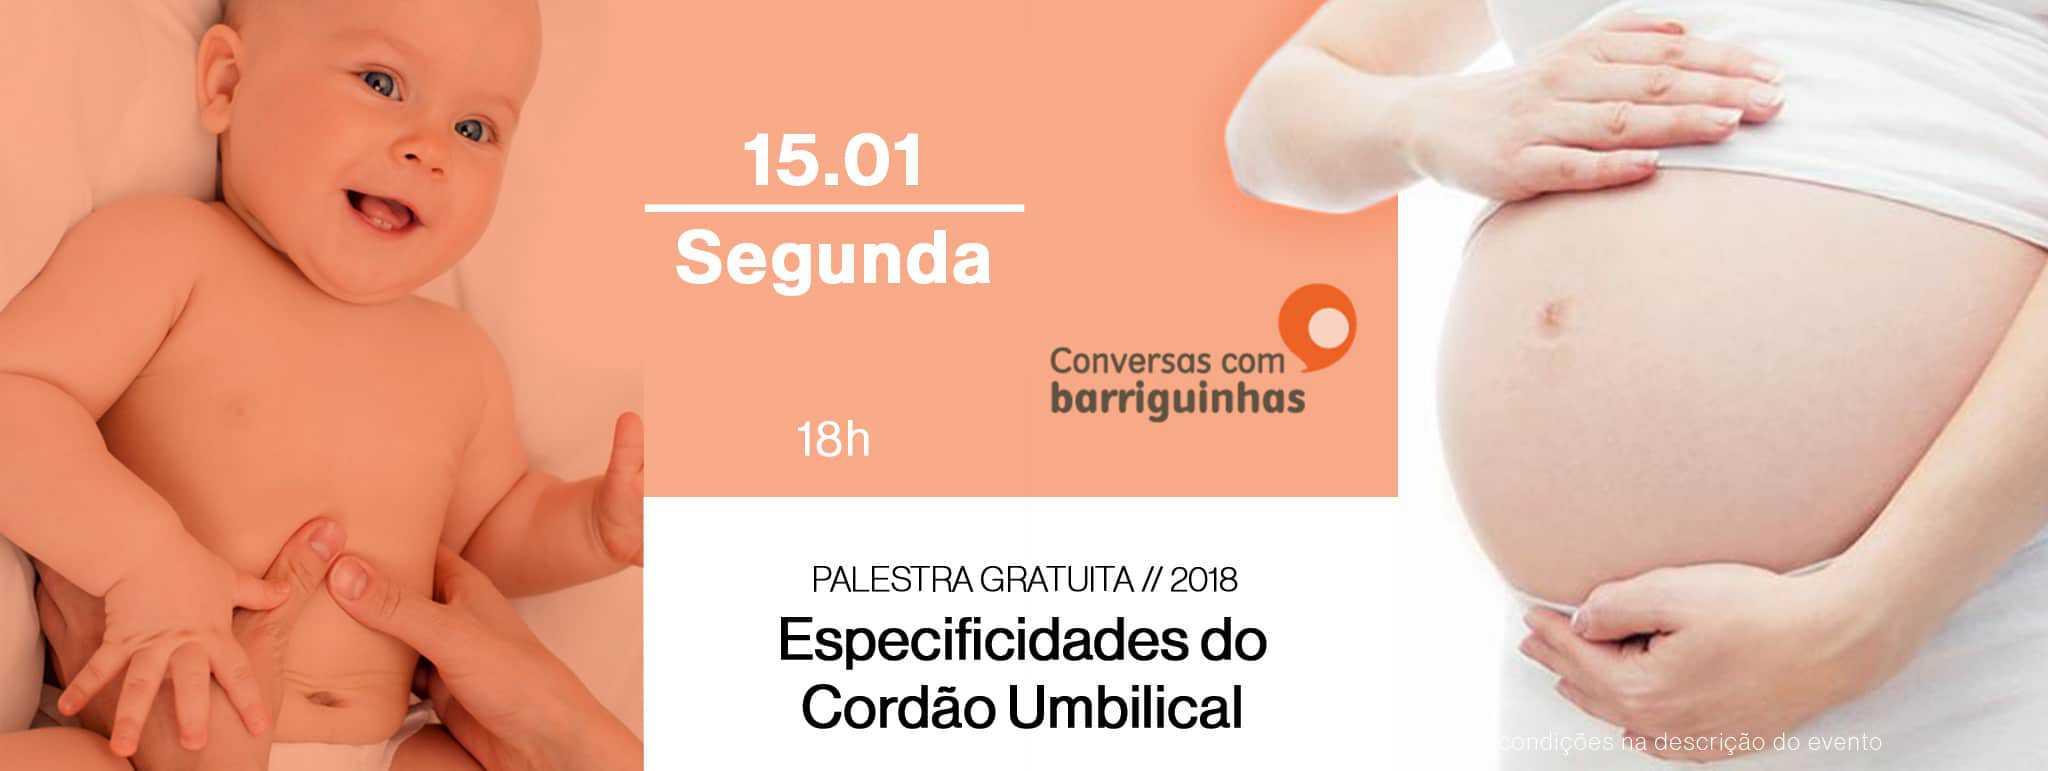 clinica-medica-do-porto-cordao-umbilical